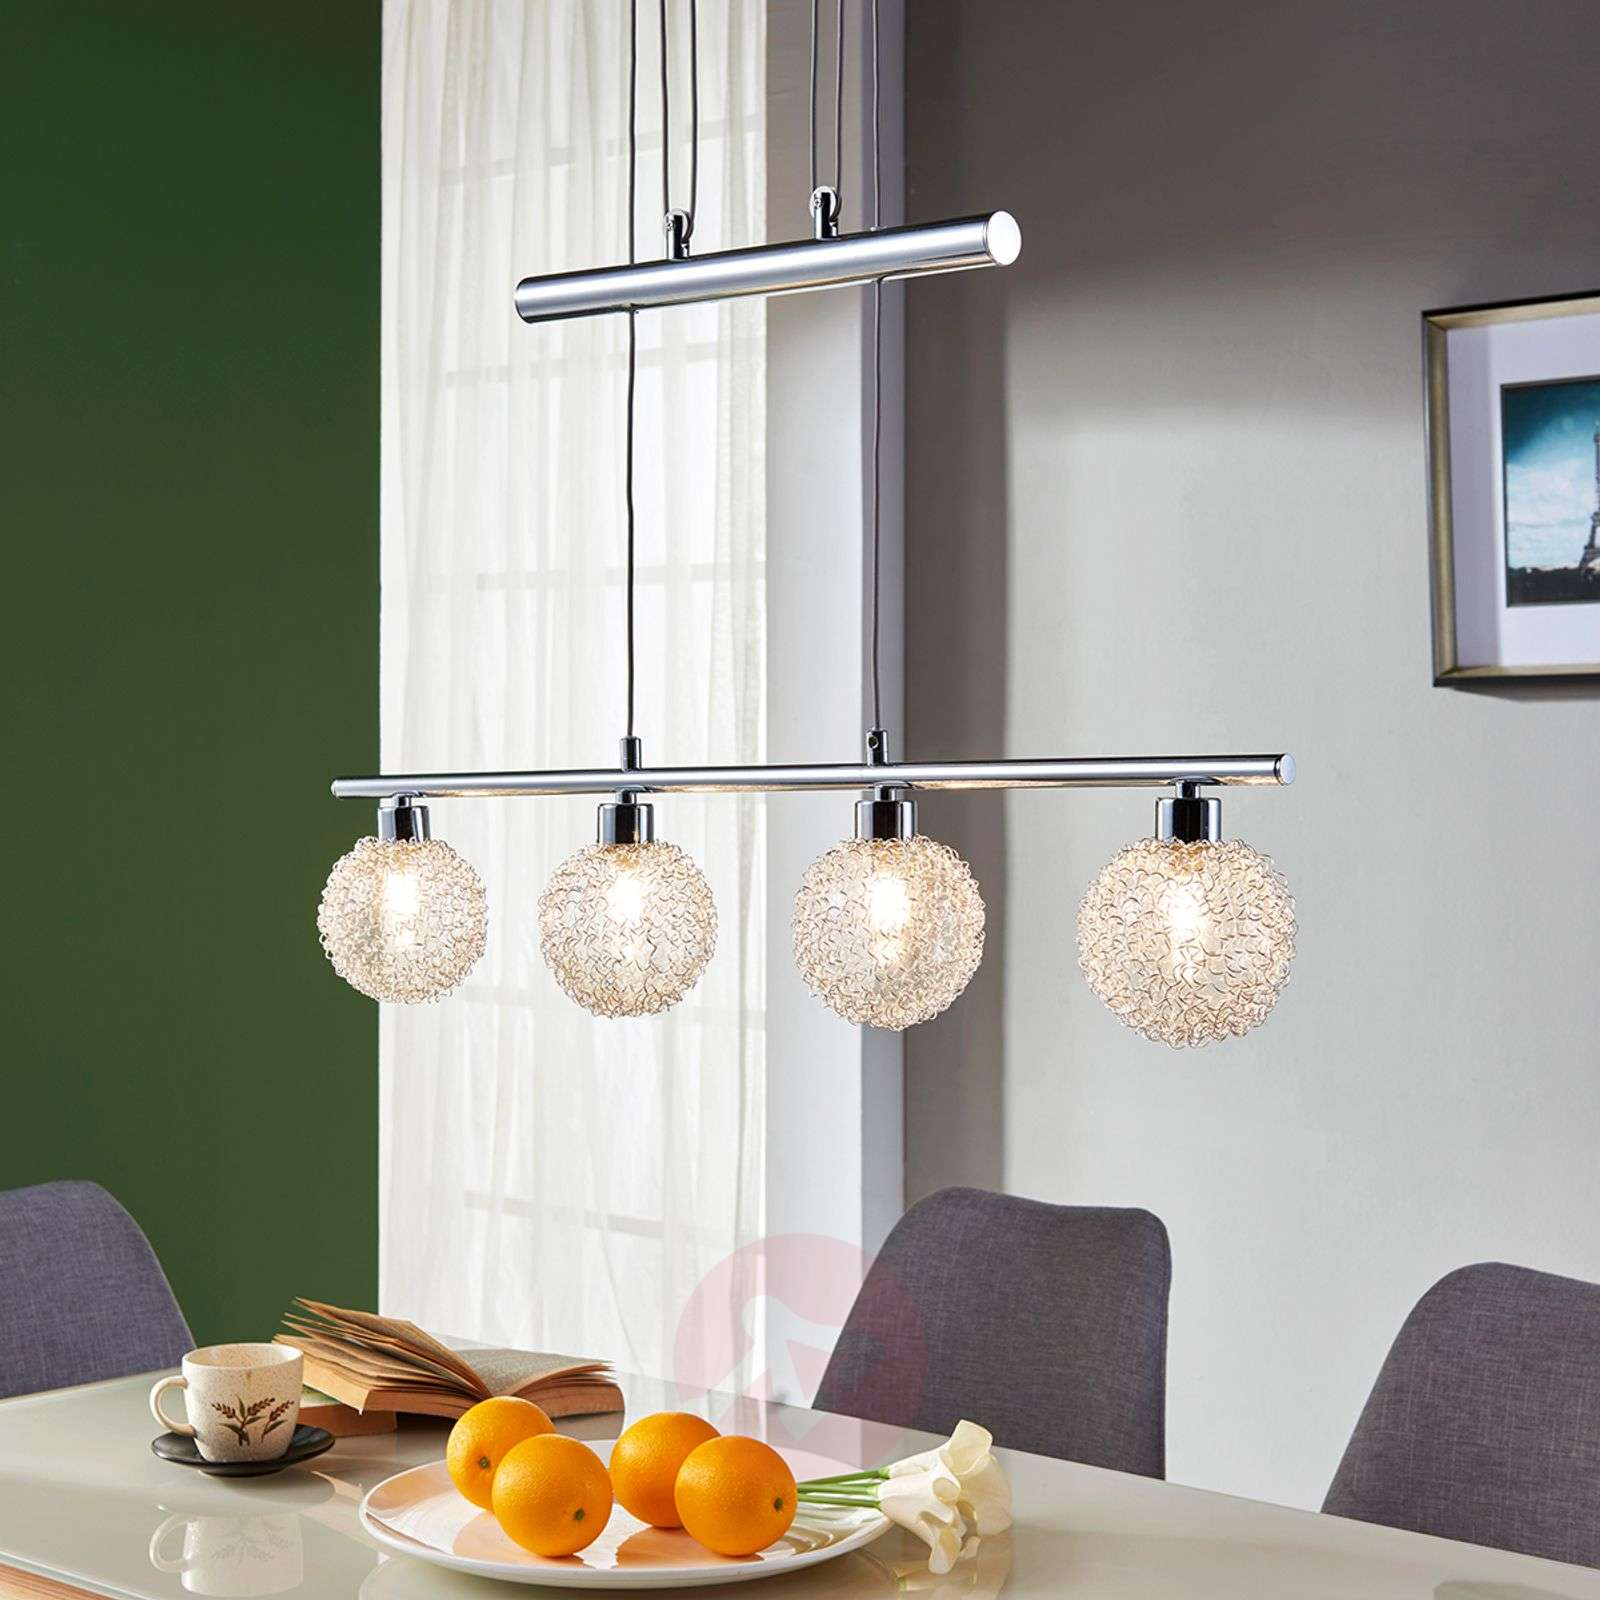 Korkeussäädettävä LED-riippuvalaisin Ticino-9620784-04